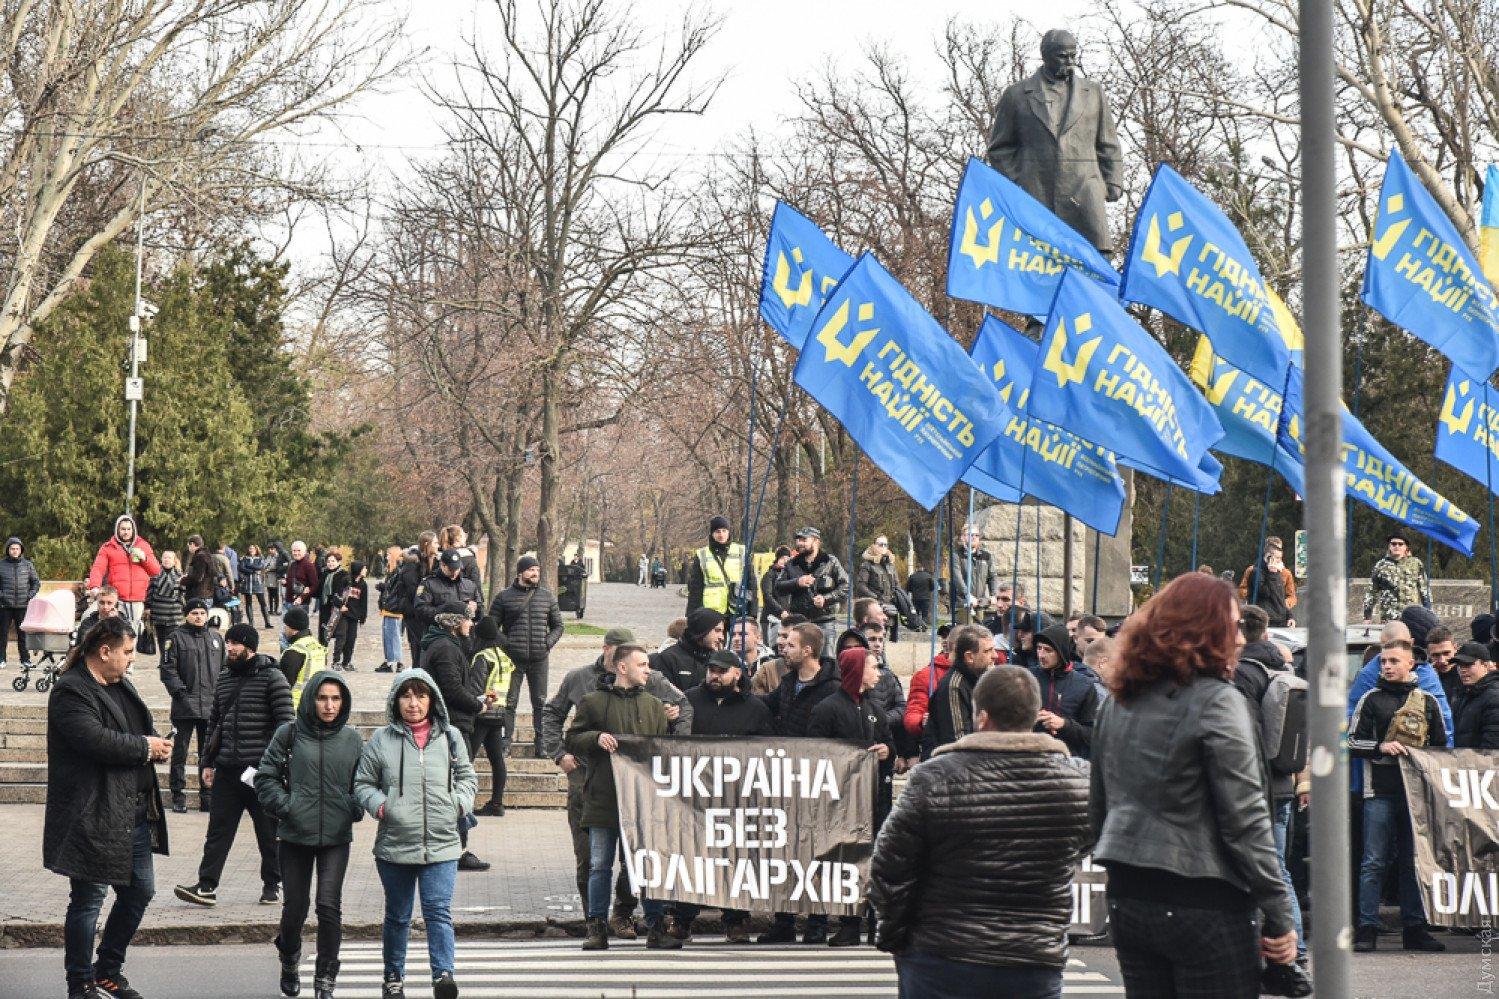 СМИ сообщили о создании Украинского патриотического движения Вартові держави